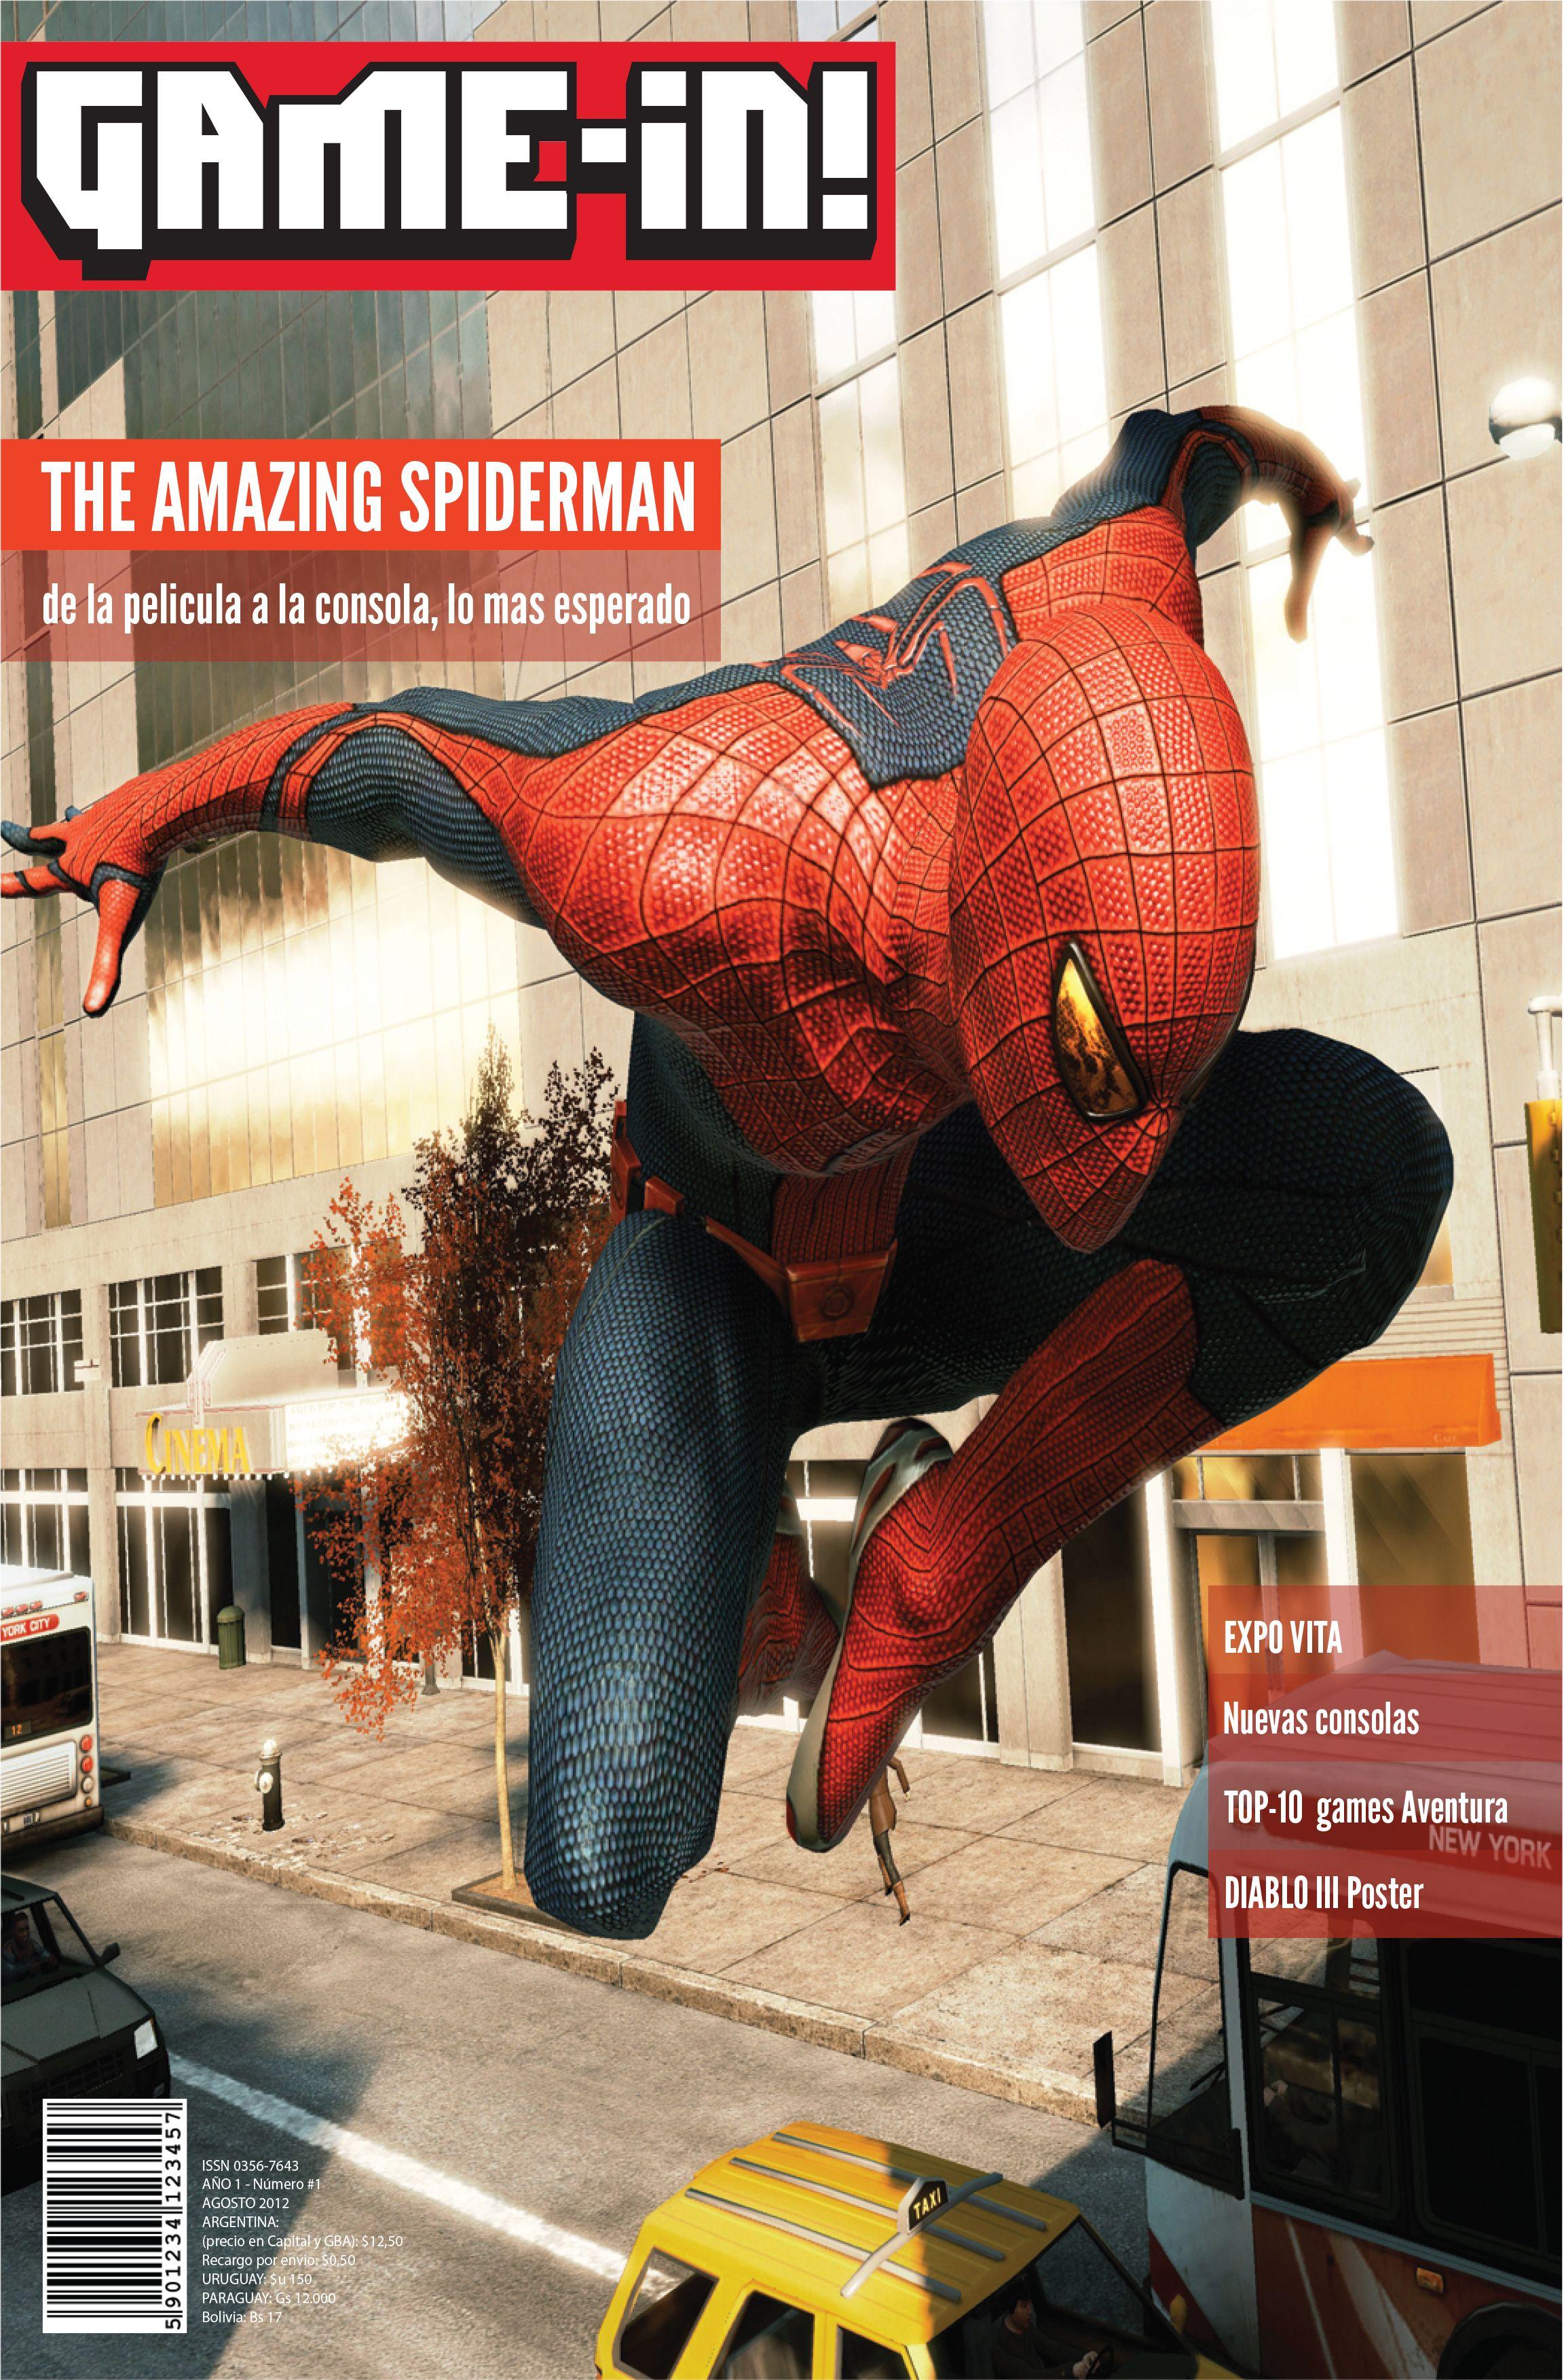 Diseño De Tapa De Revista De Video Juegos Amazing Spiderman Tapas De Revistas Video Juego